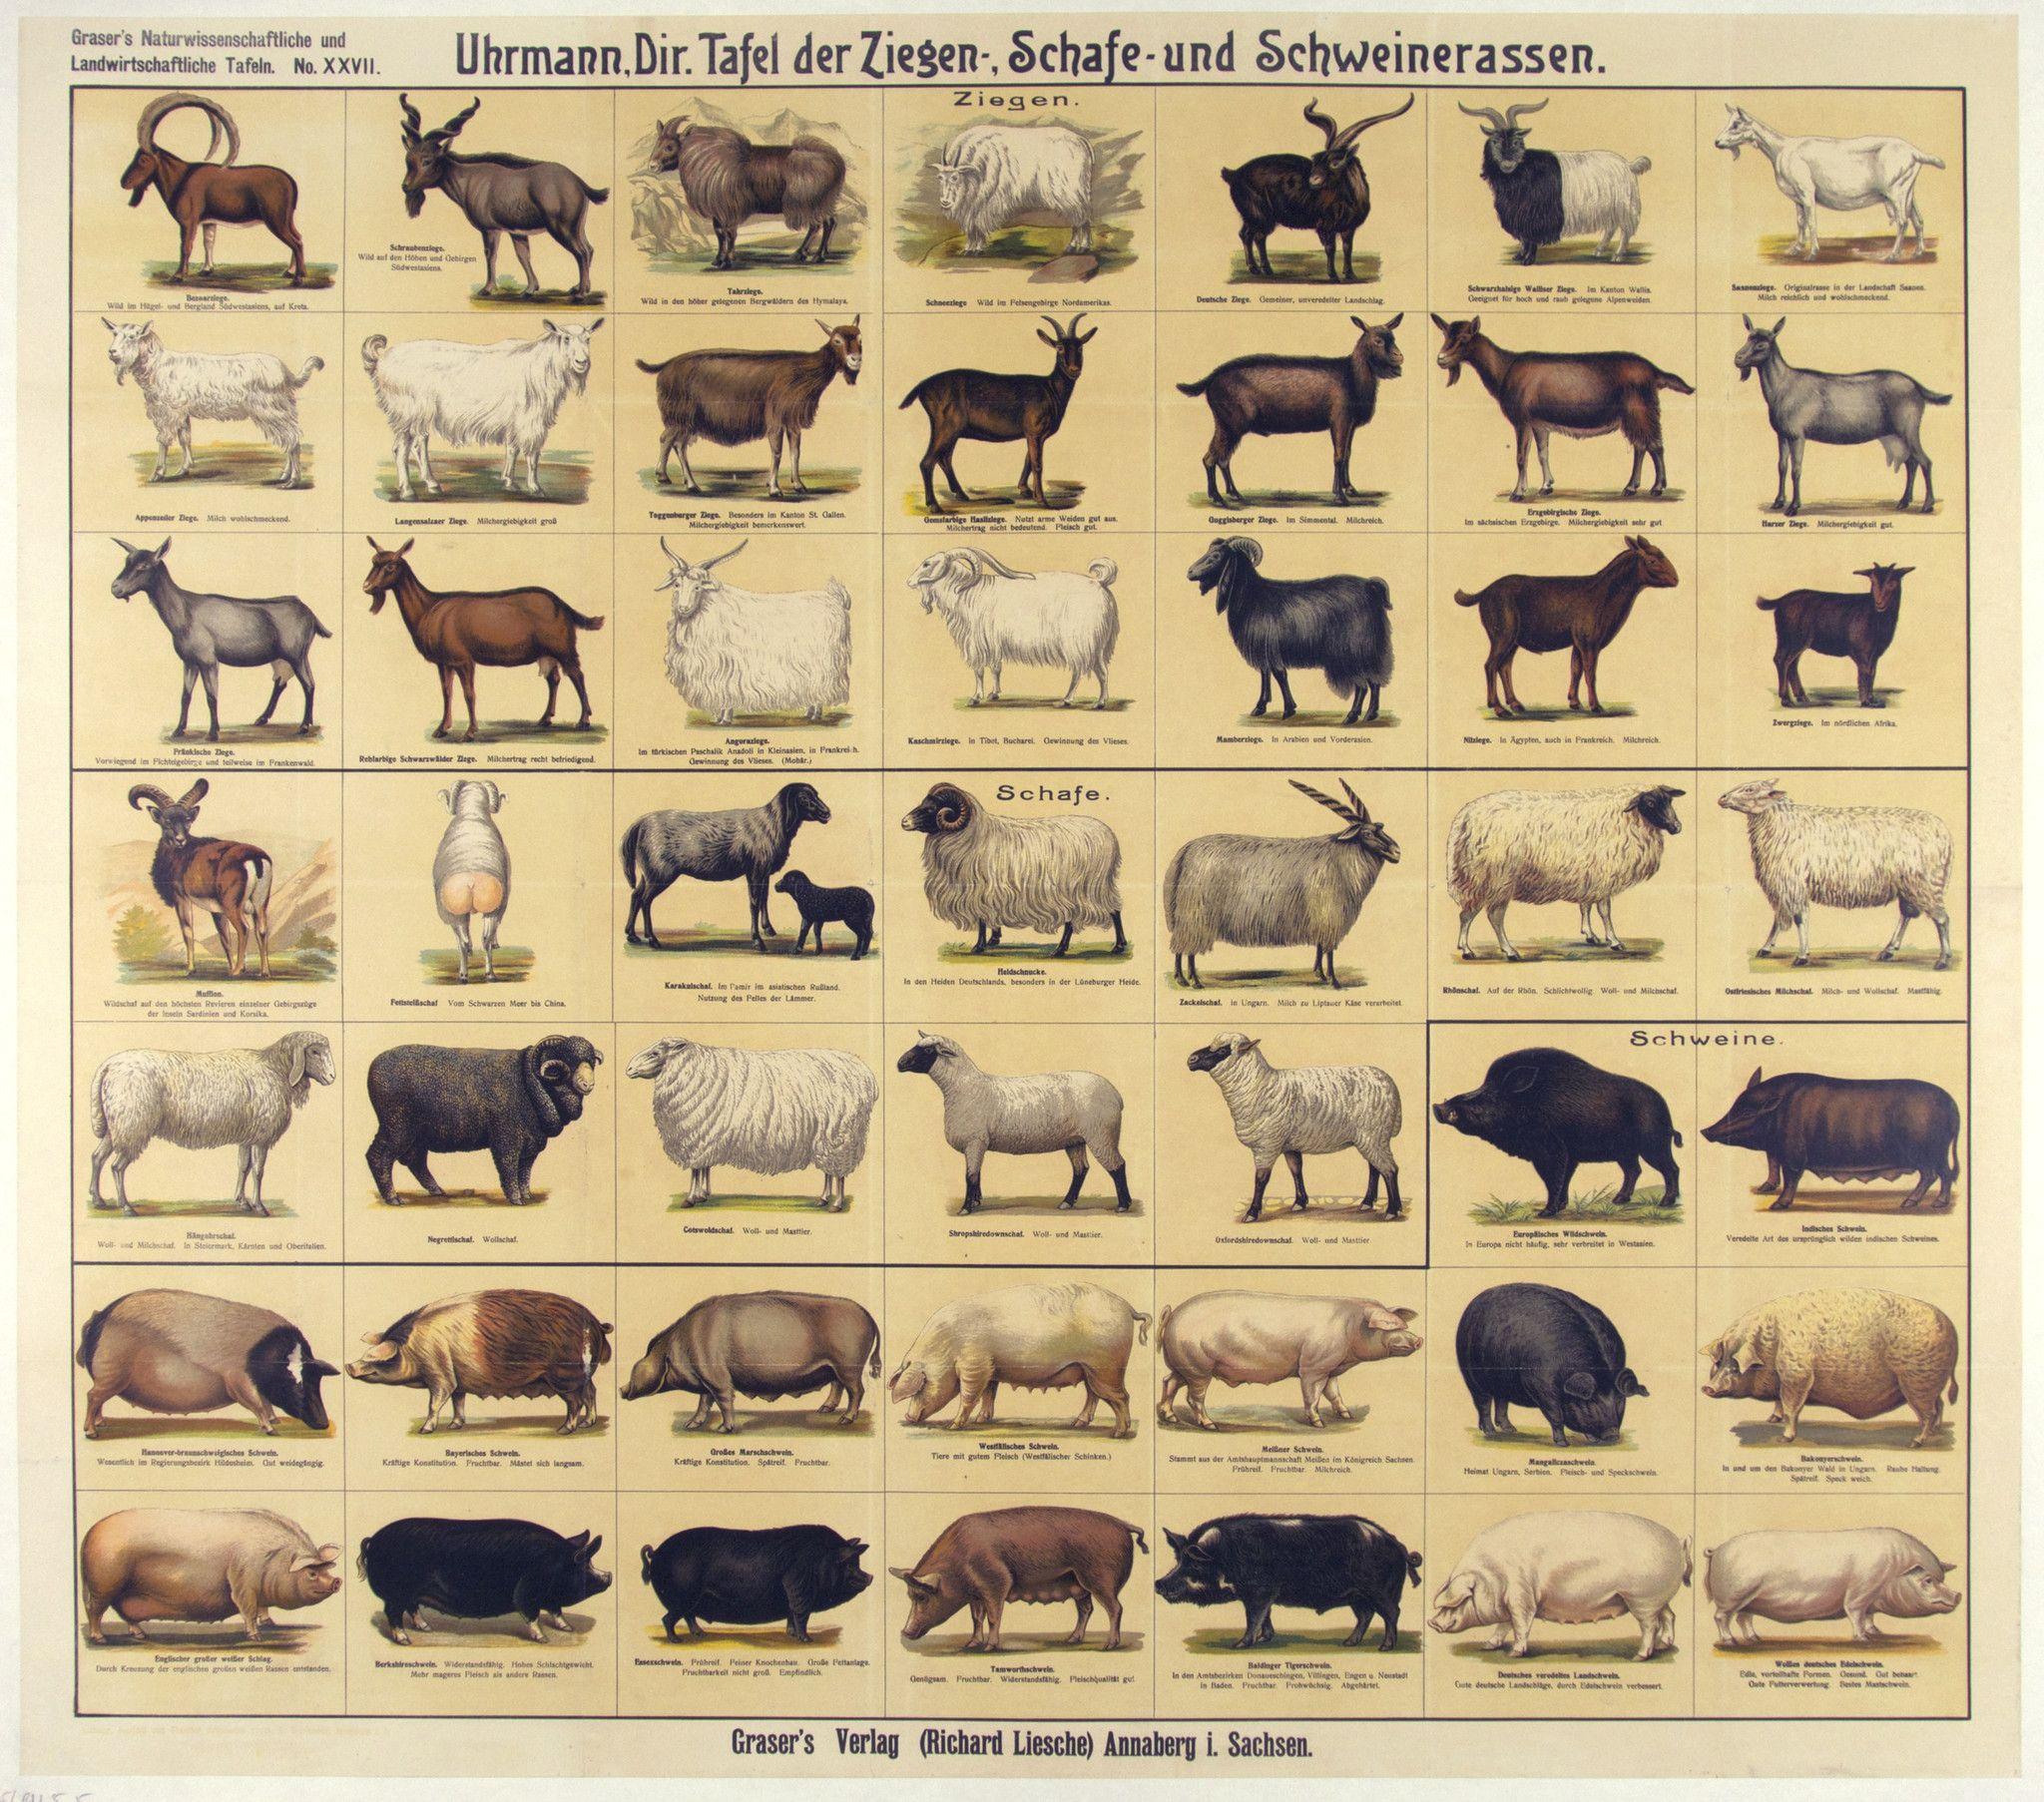 Exceptionnel Uhrmann, Dir. Tafel der Ziegen, Schafe, und Schweinerassen | Pig  UZ59